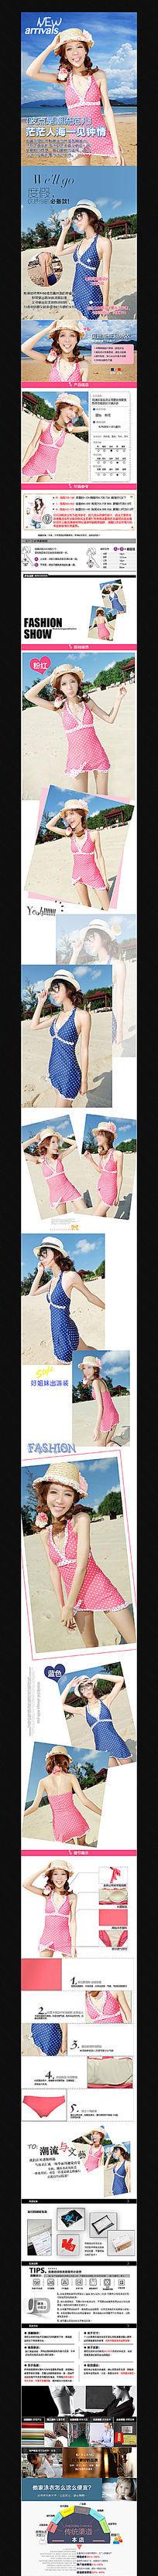 淘宝女装沙滩泳衣详情页细节展示